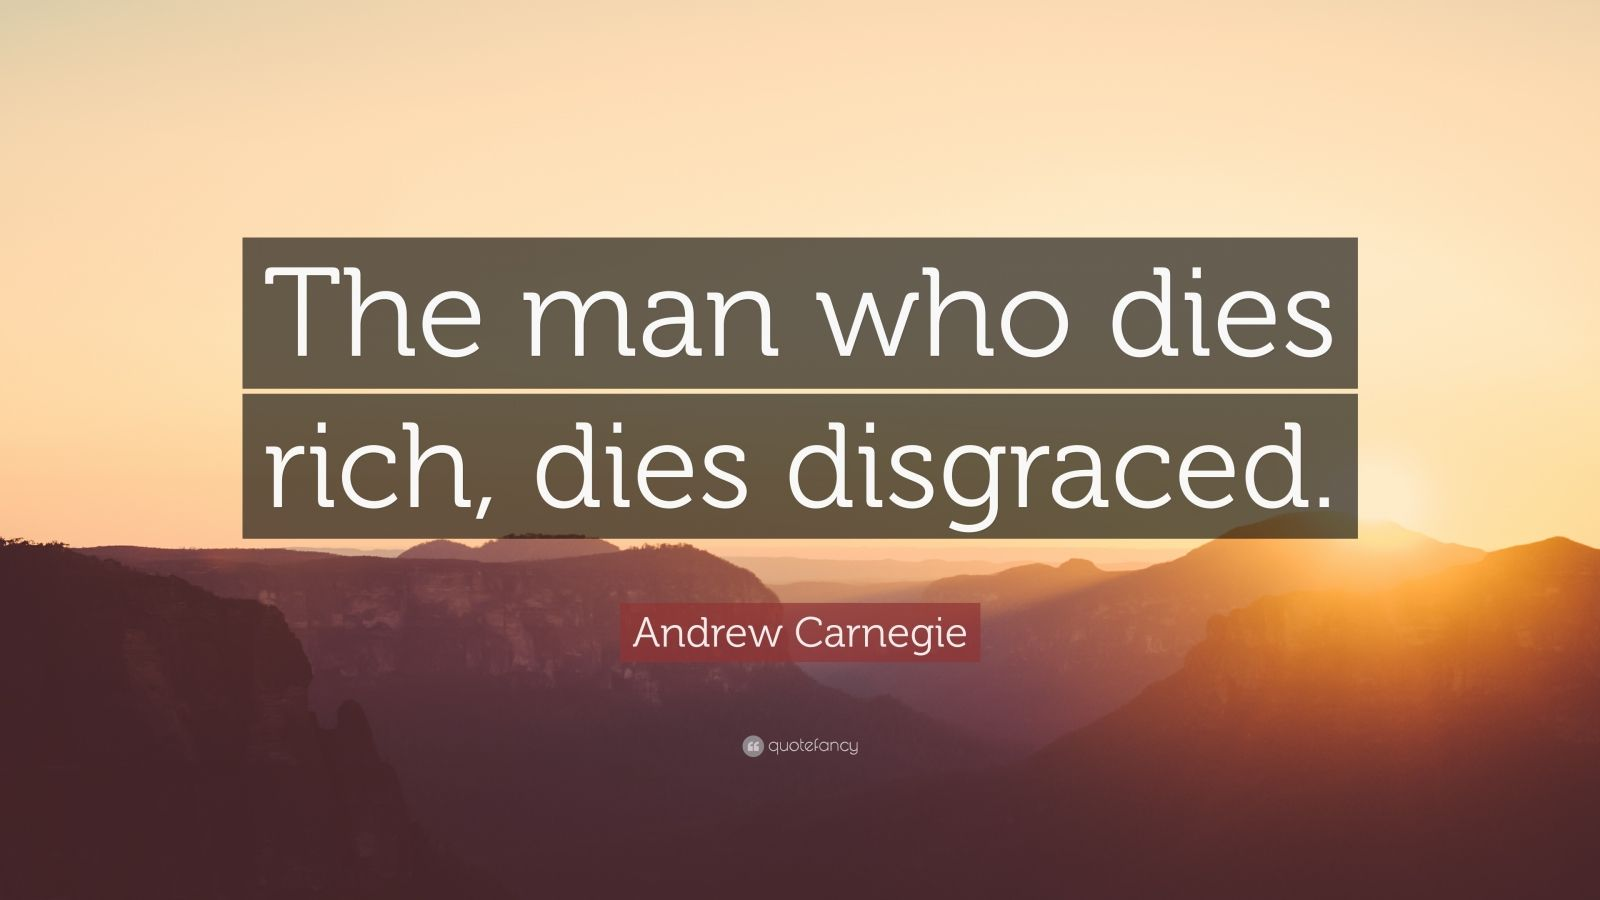 the man who dies rich dies disgraced The man who dies rich, dies in disgrace - tom hunter.